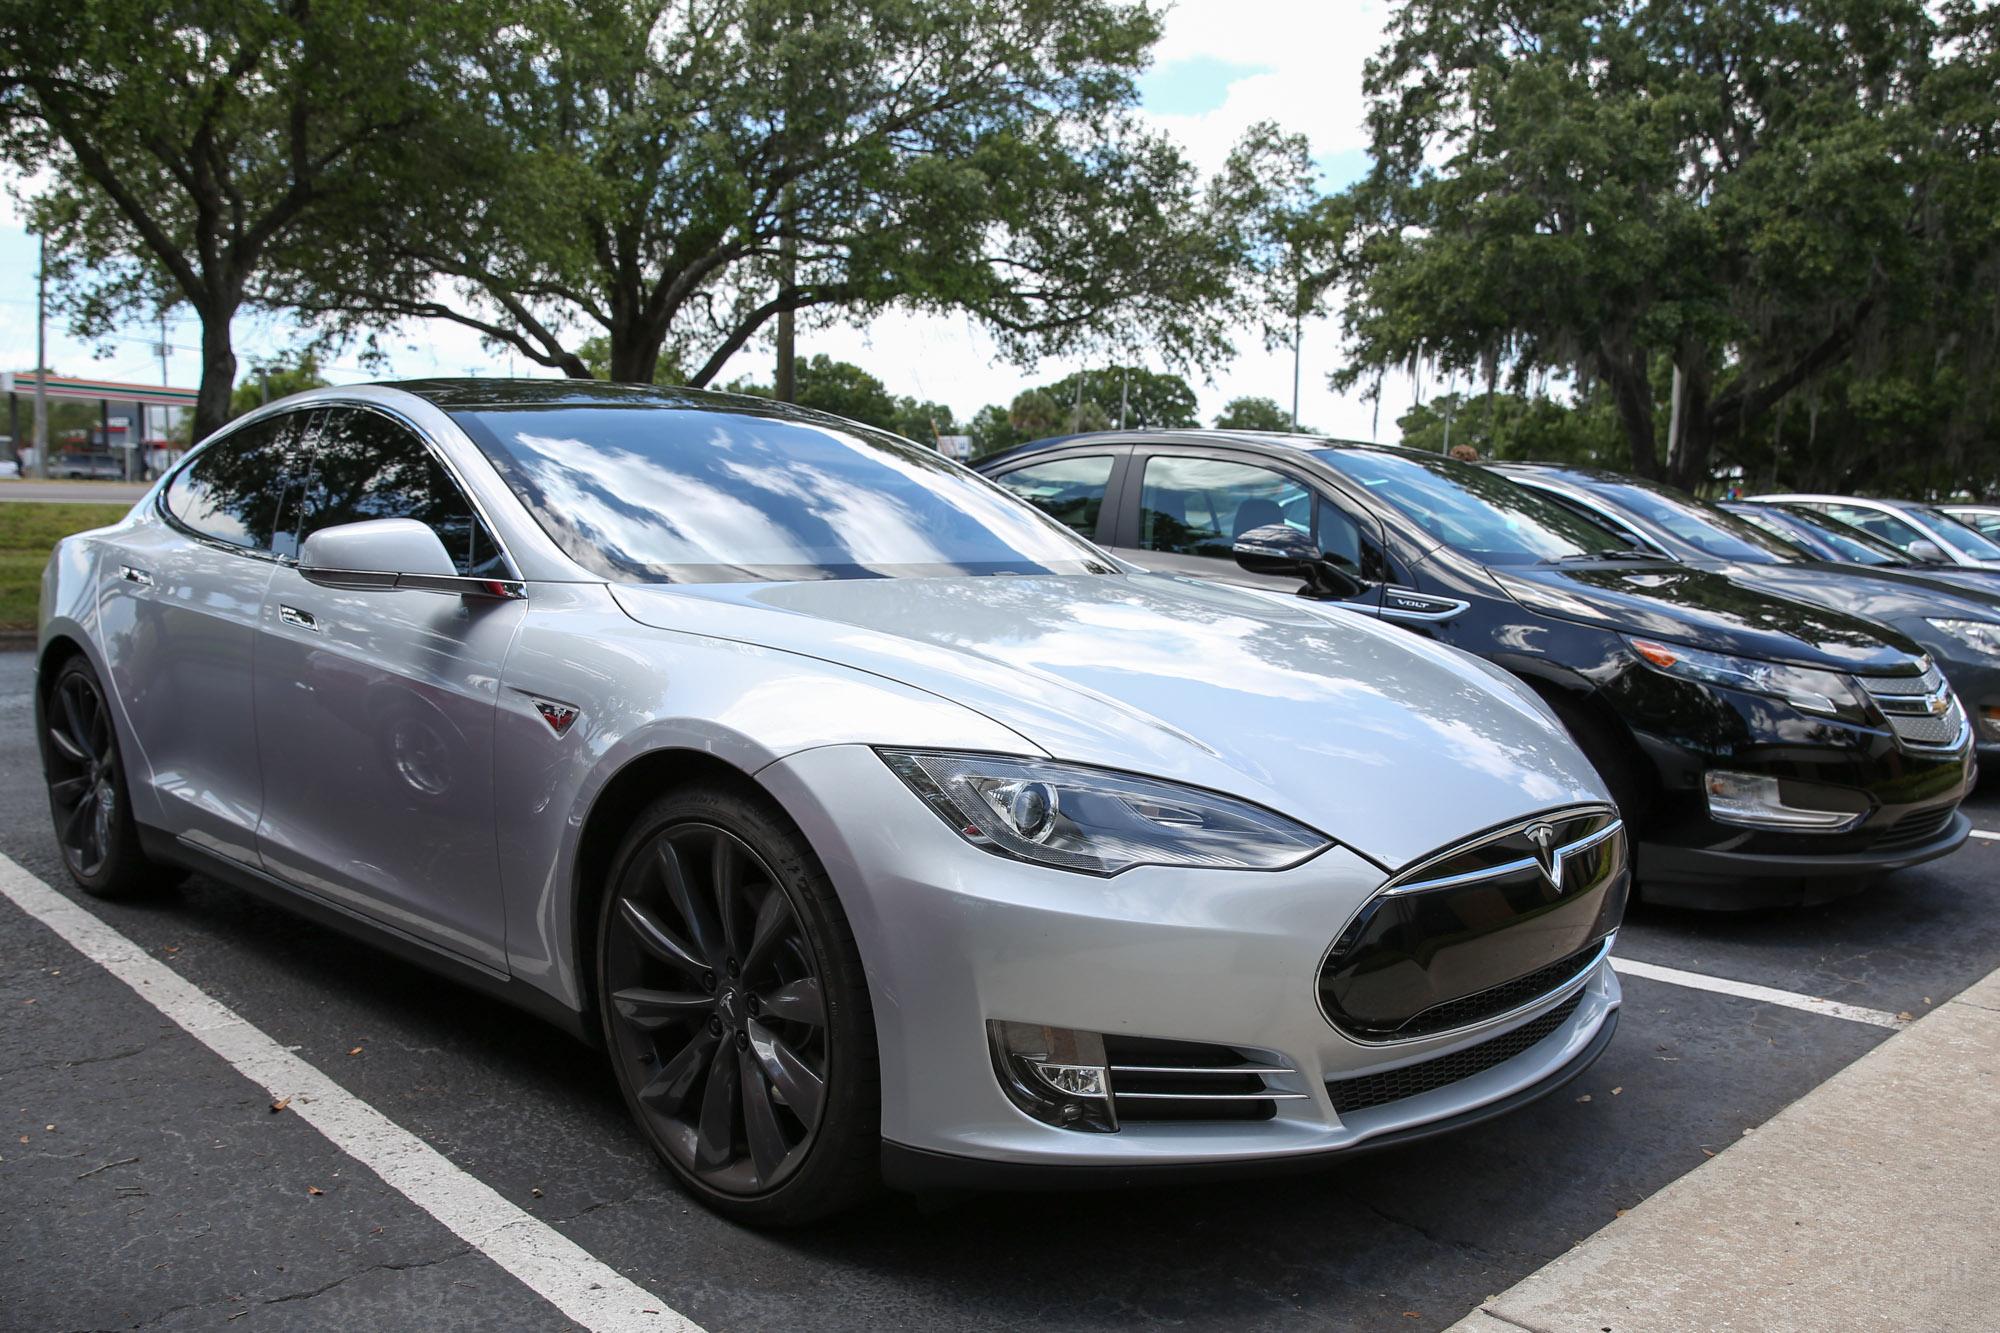 TeslaMotorsClub_Tampa_28APR13_0046.jpg